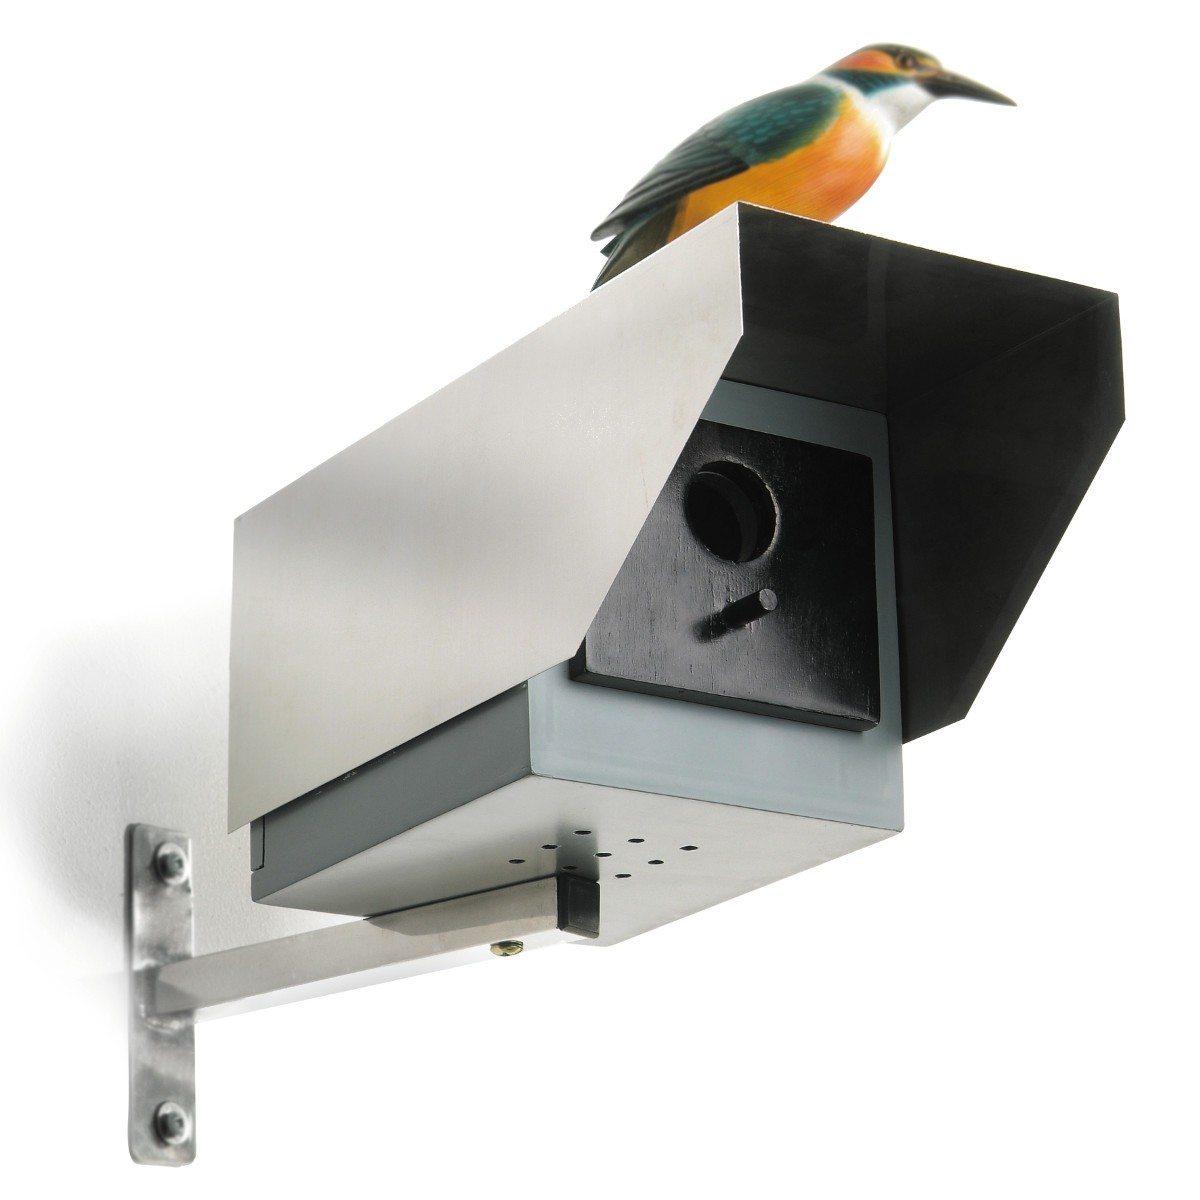 Fuglehus formet som overvågningskamera